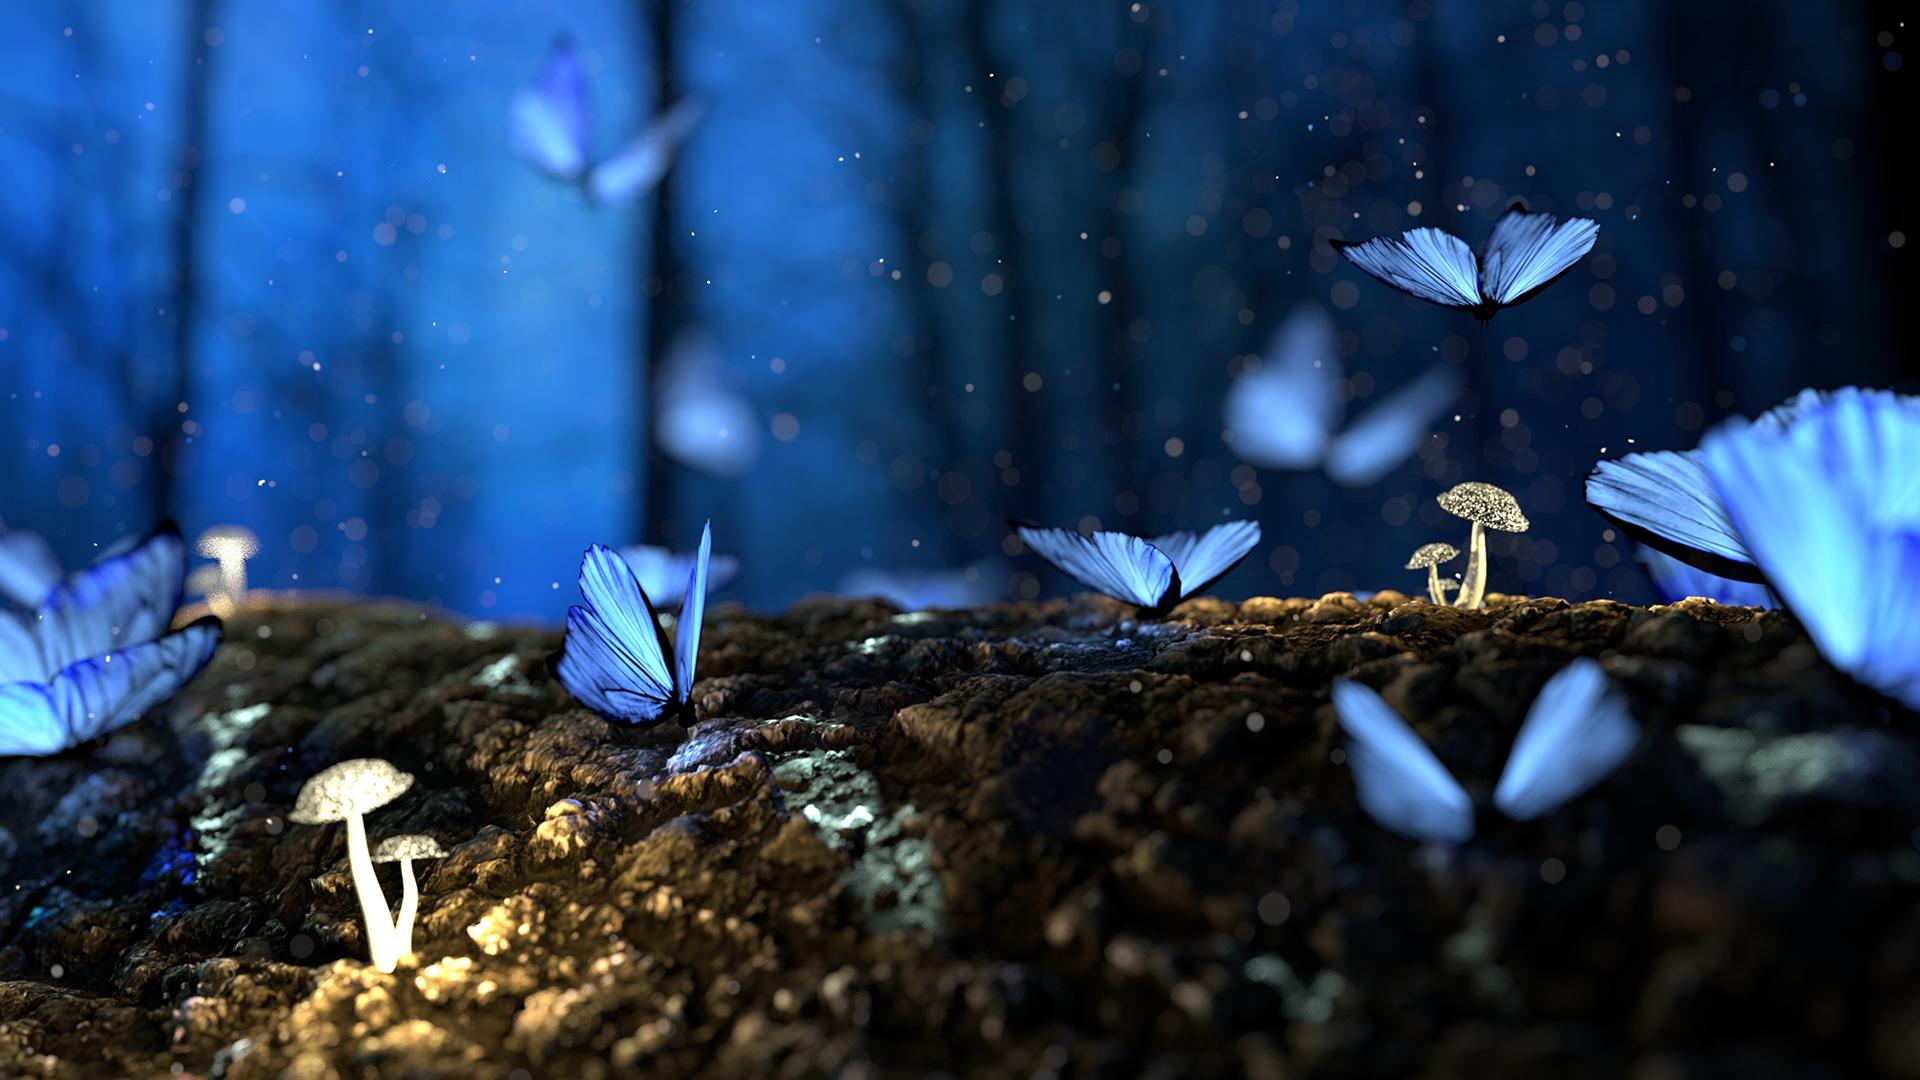 Blue Butterflies Laptop Background